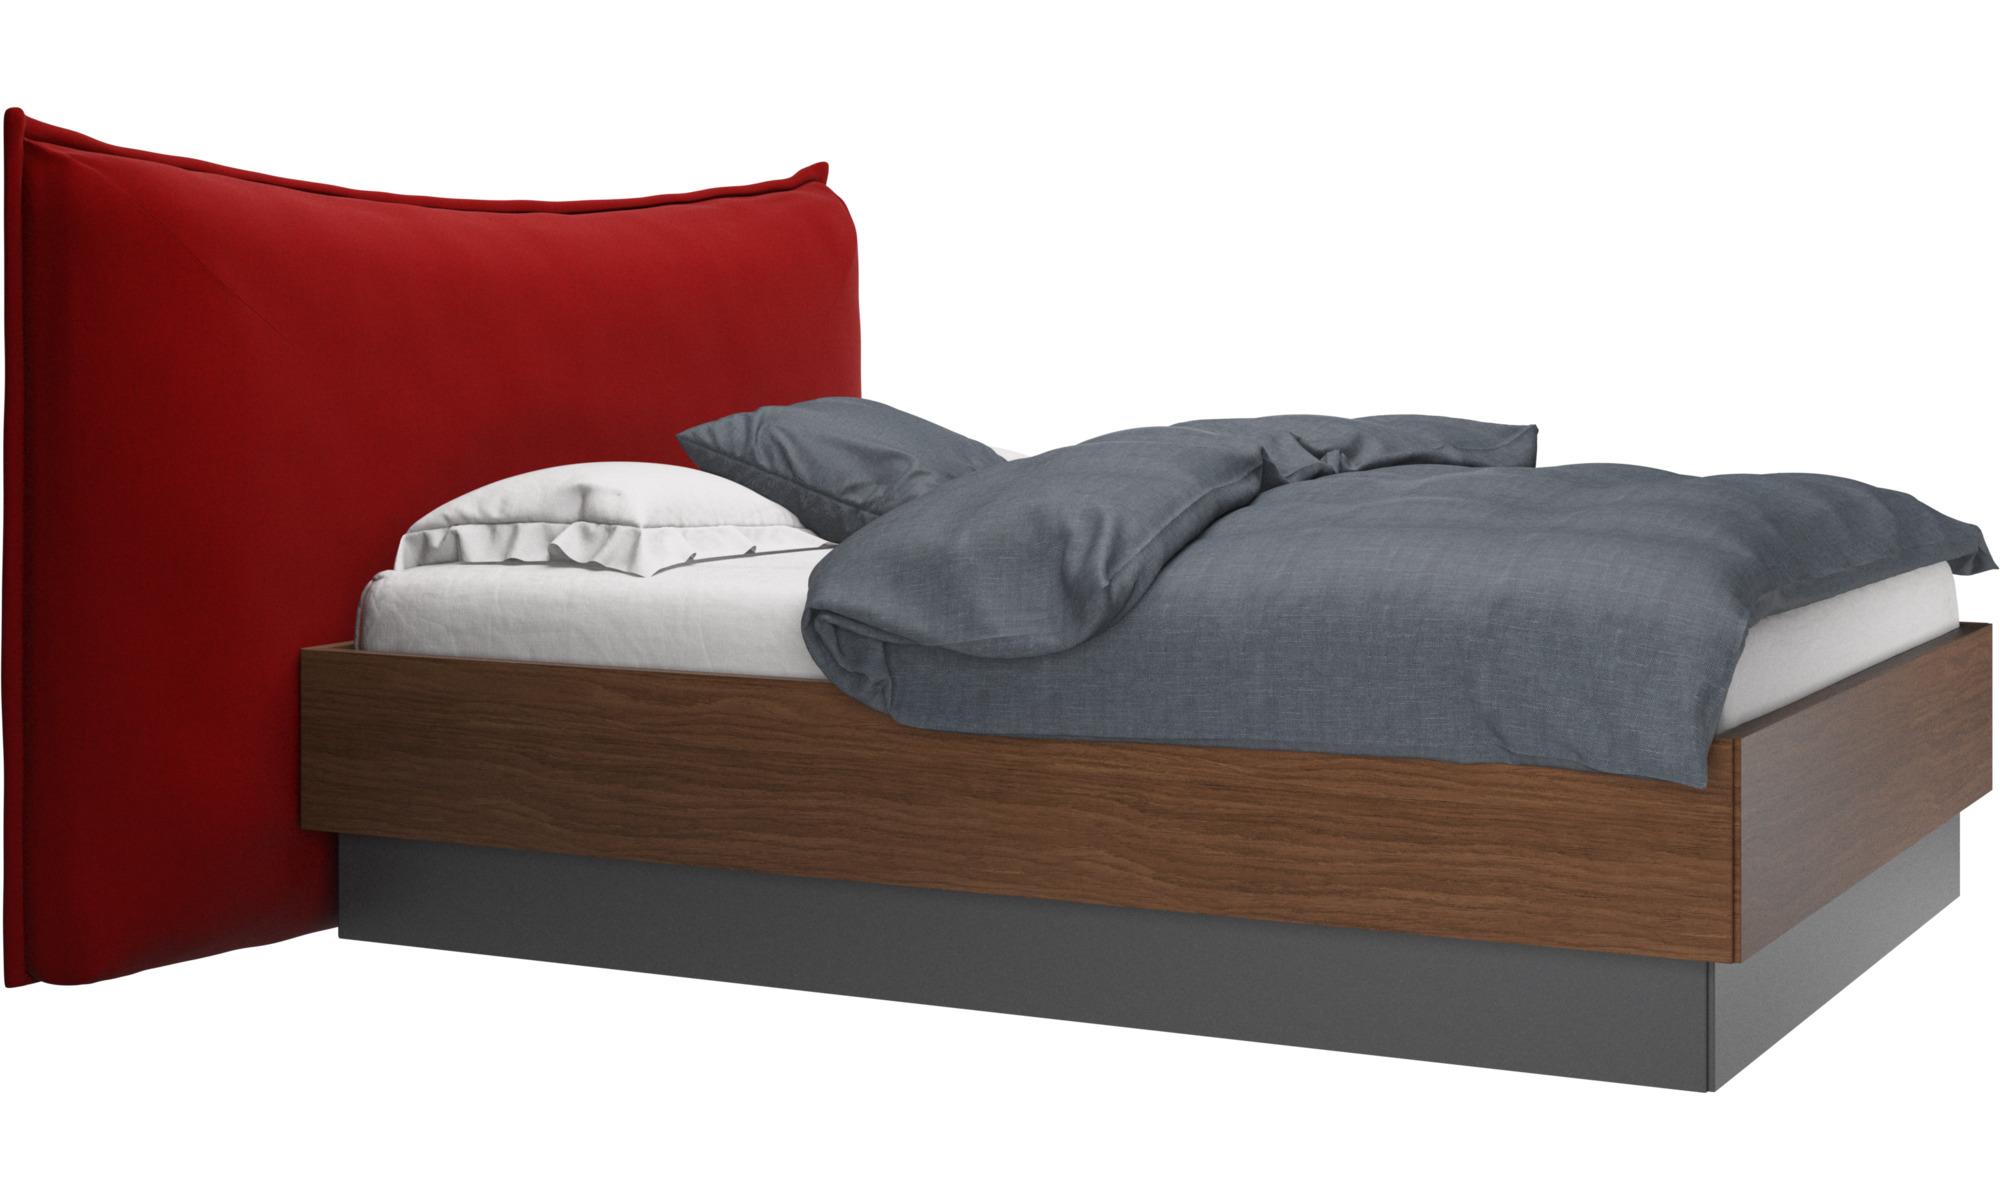 Camas - Cama con canapé, estructura elevable y tablado, no incluye colchón Gent - Rojo - Tela